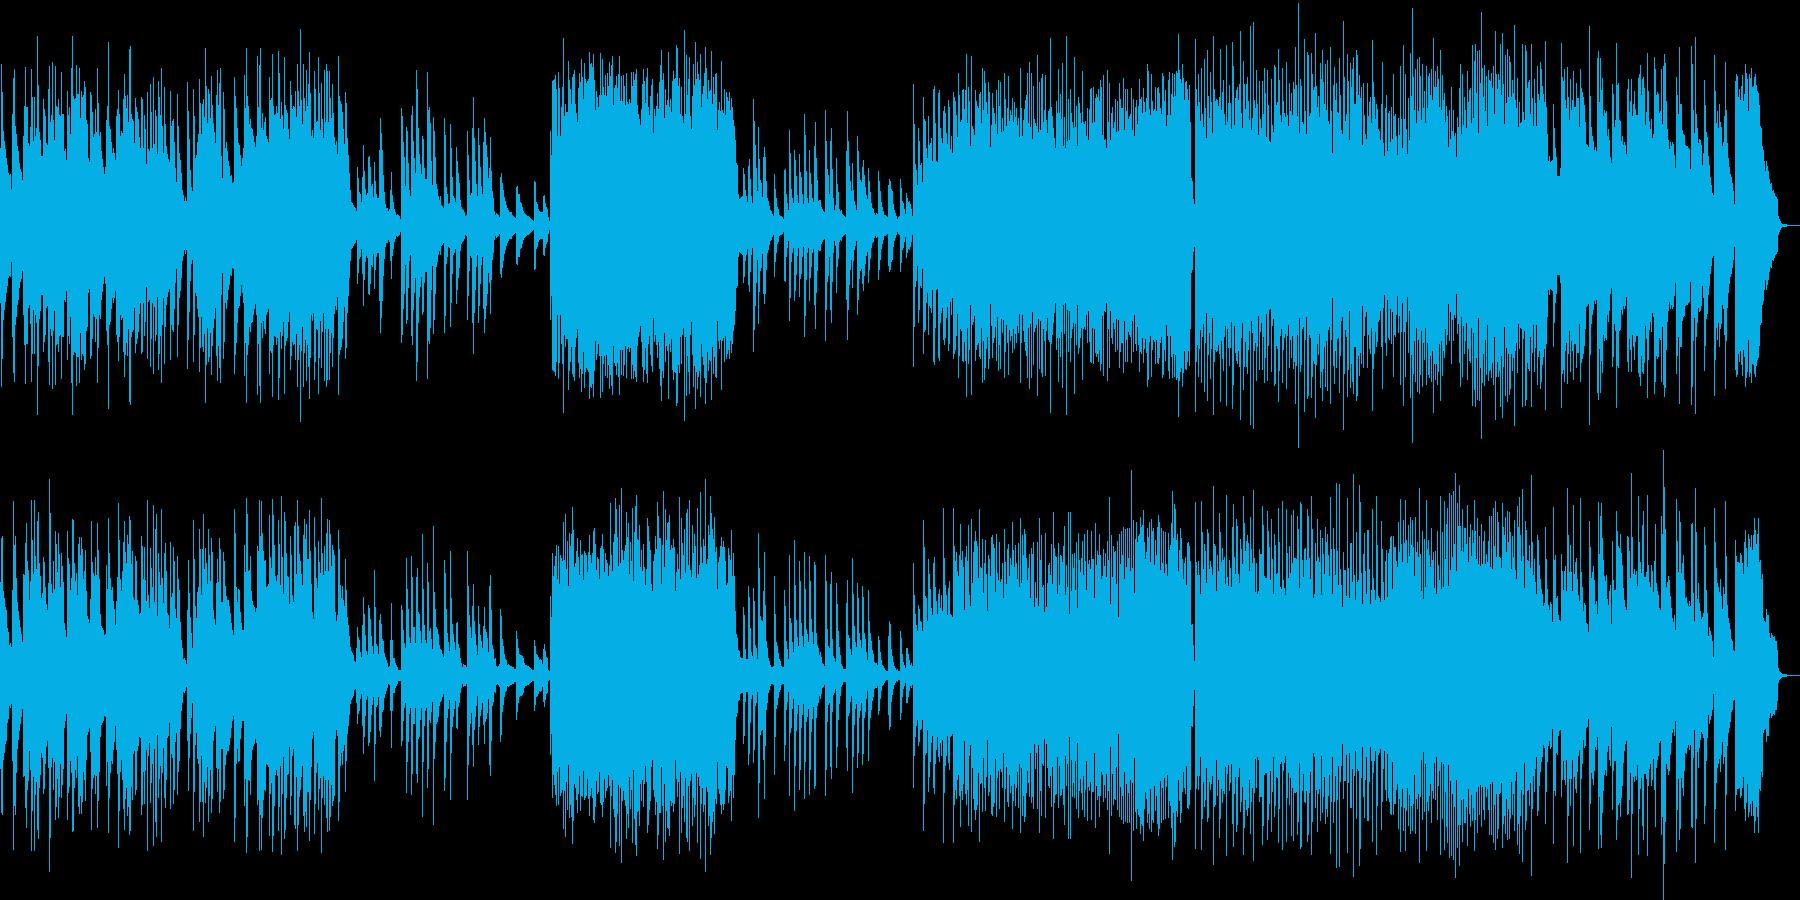 キエフの大門 展覧会の絵より(原曲版)の再生済みの波形